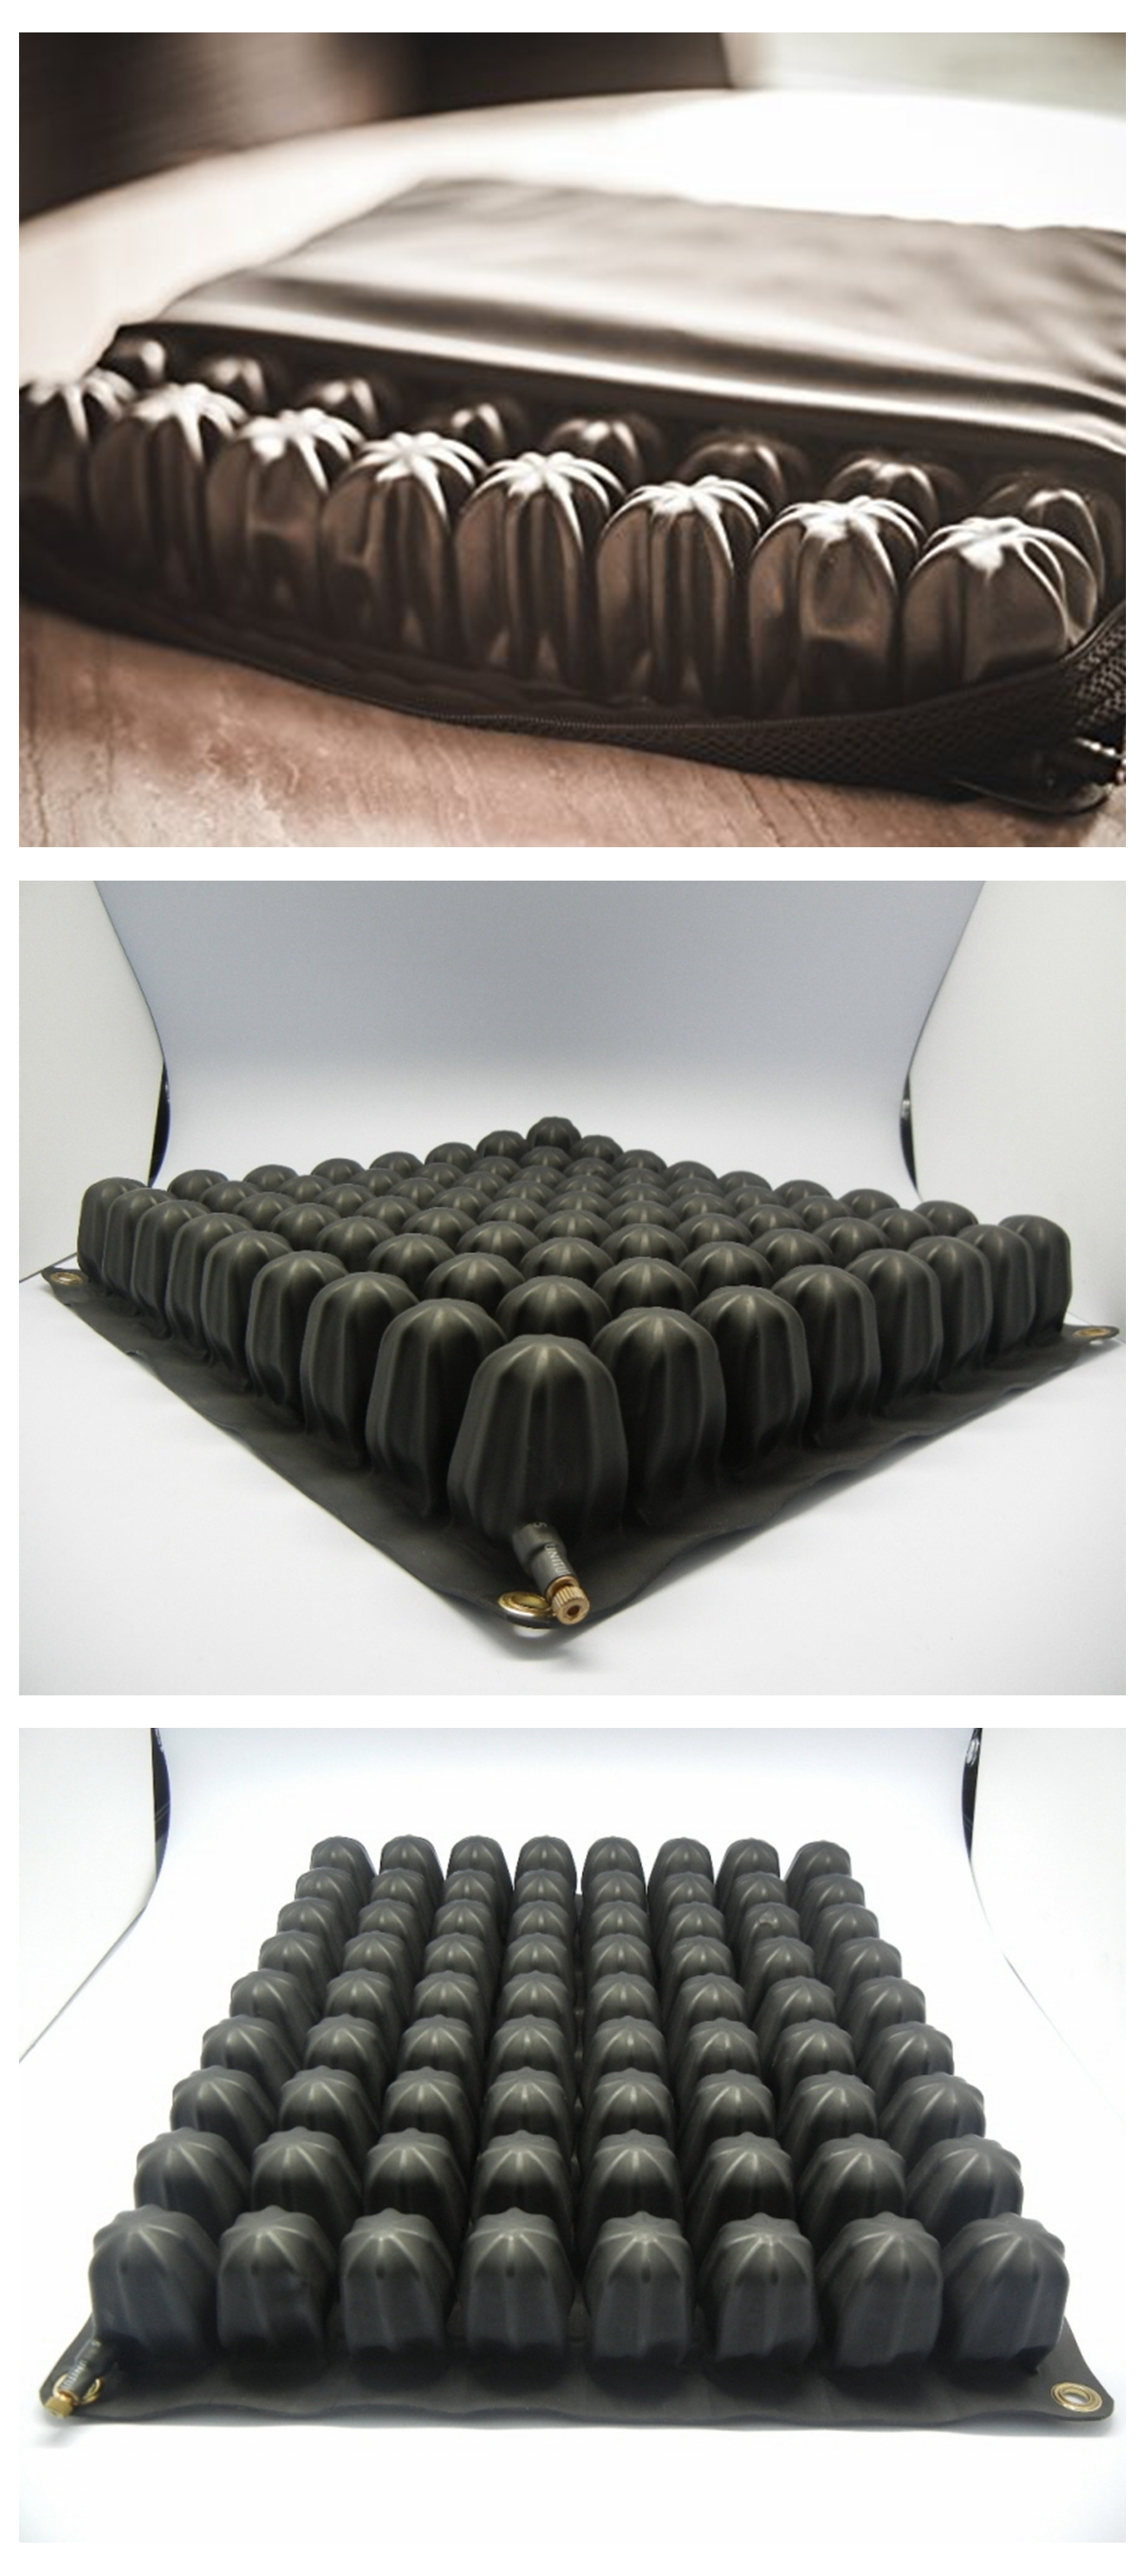 430x430x6mm WFT Wheelchair Air Cushion